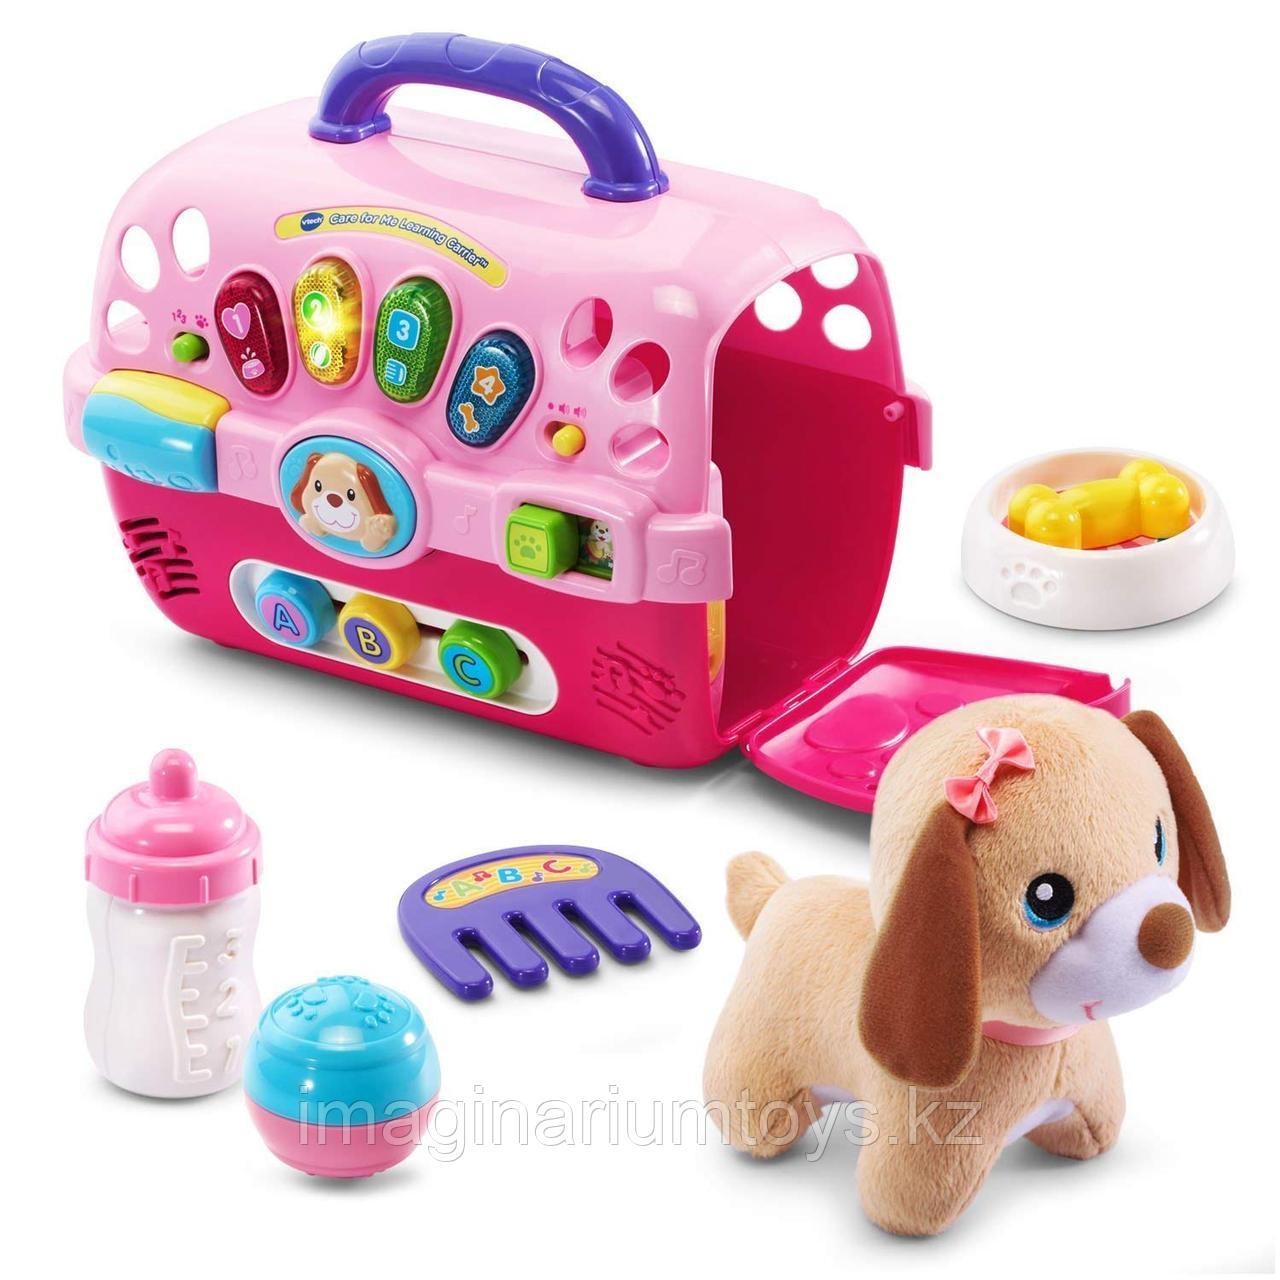 Интерактивная игрушка «Собачка и ее домик» VTech